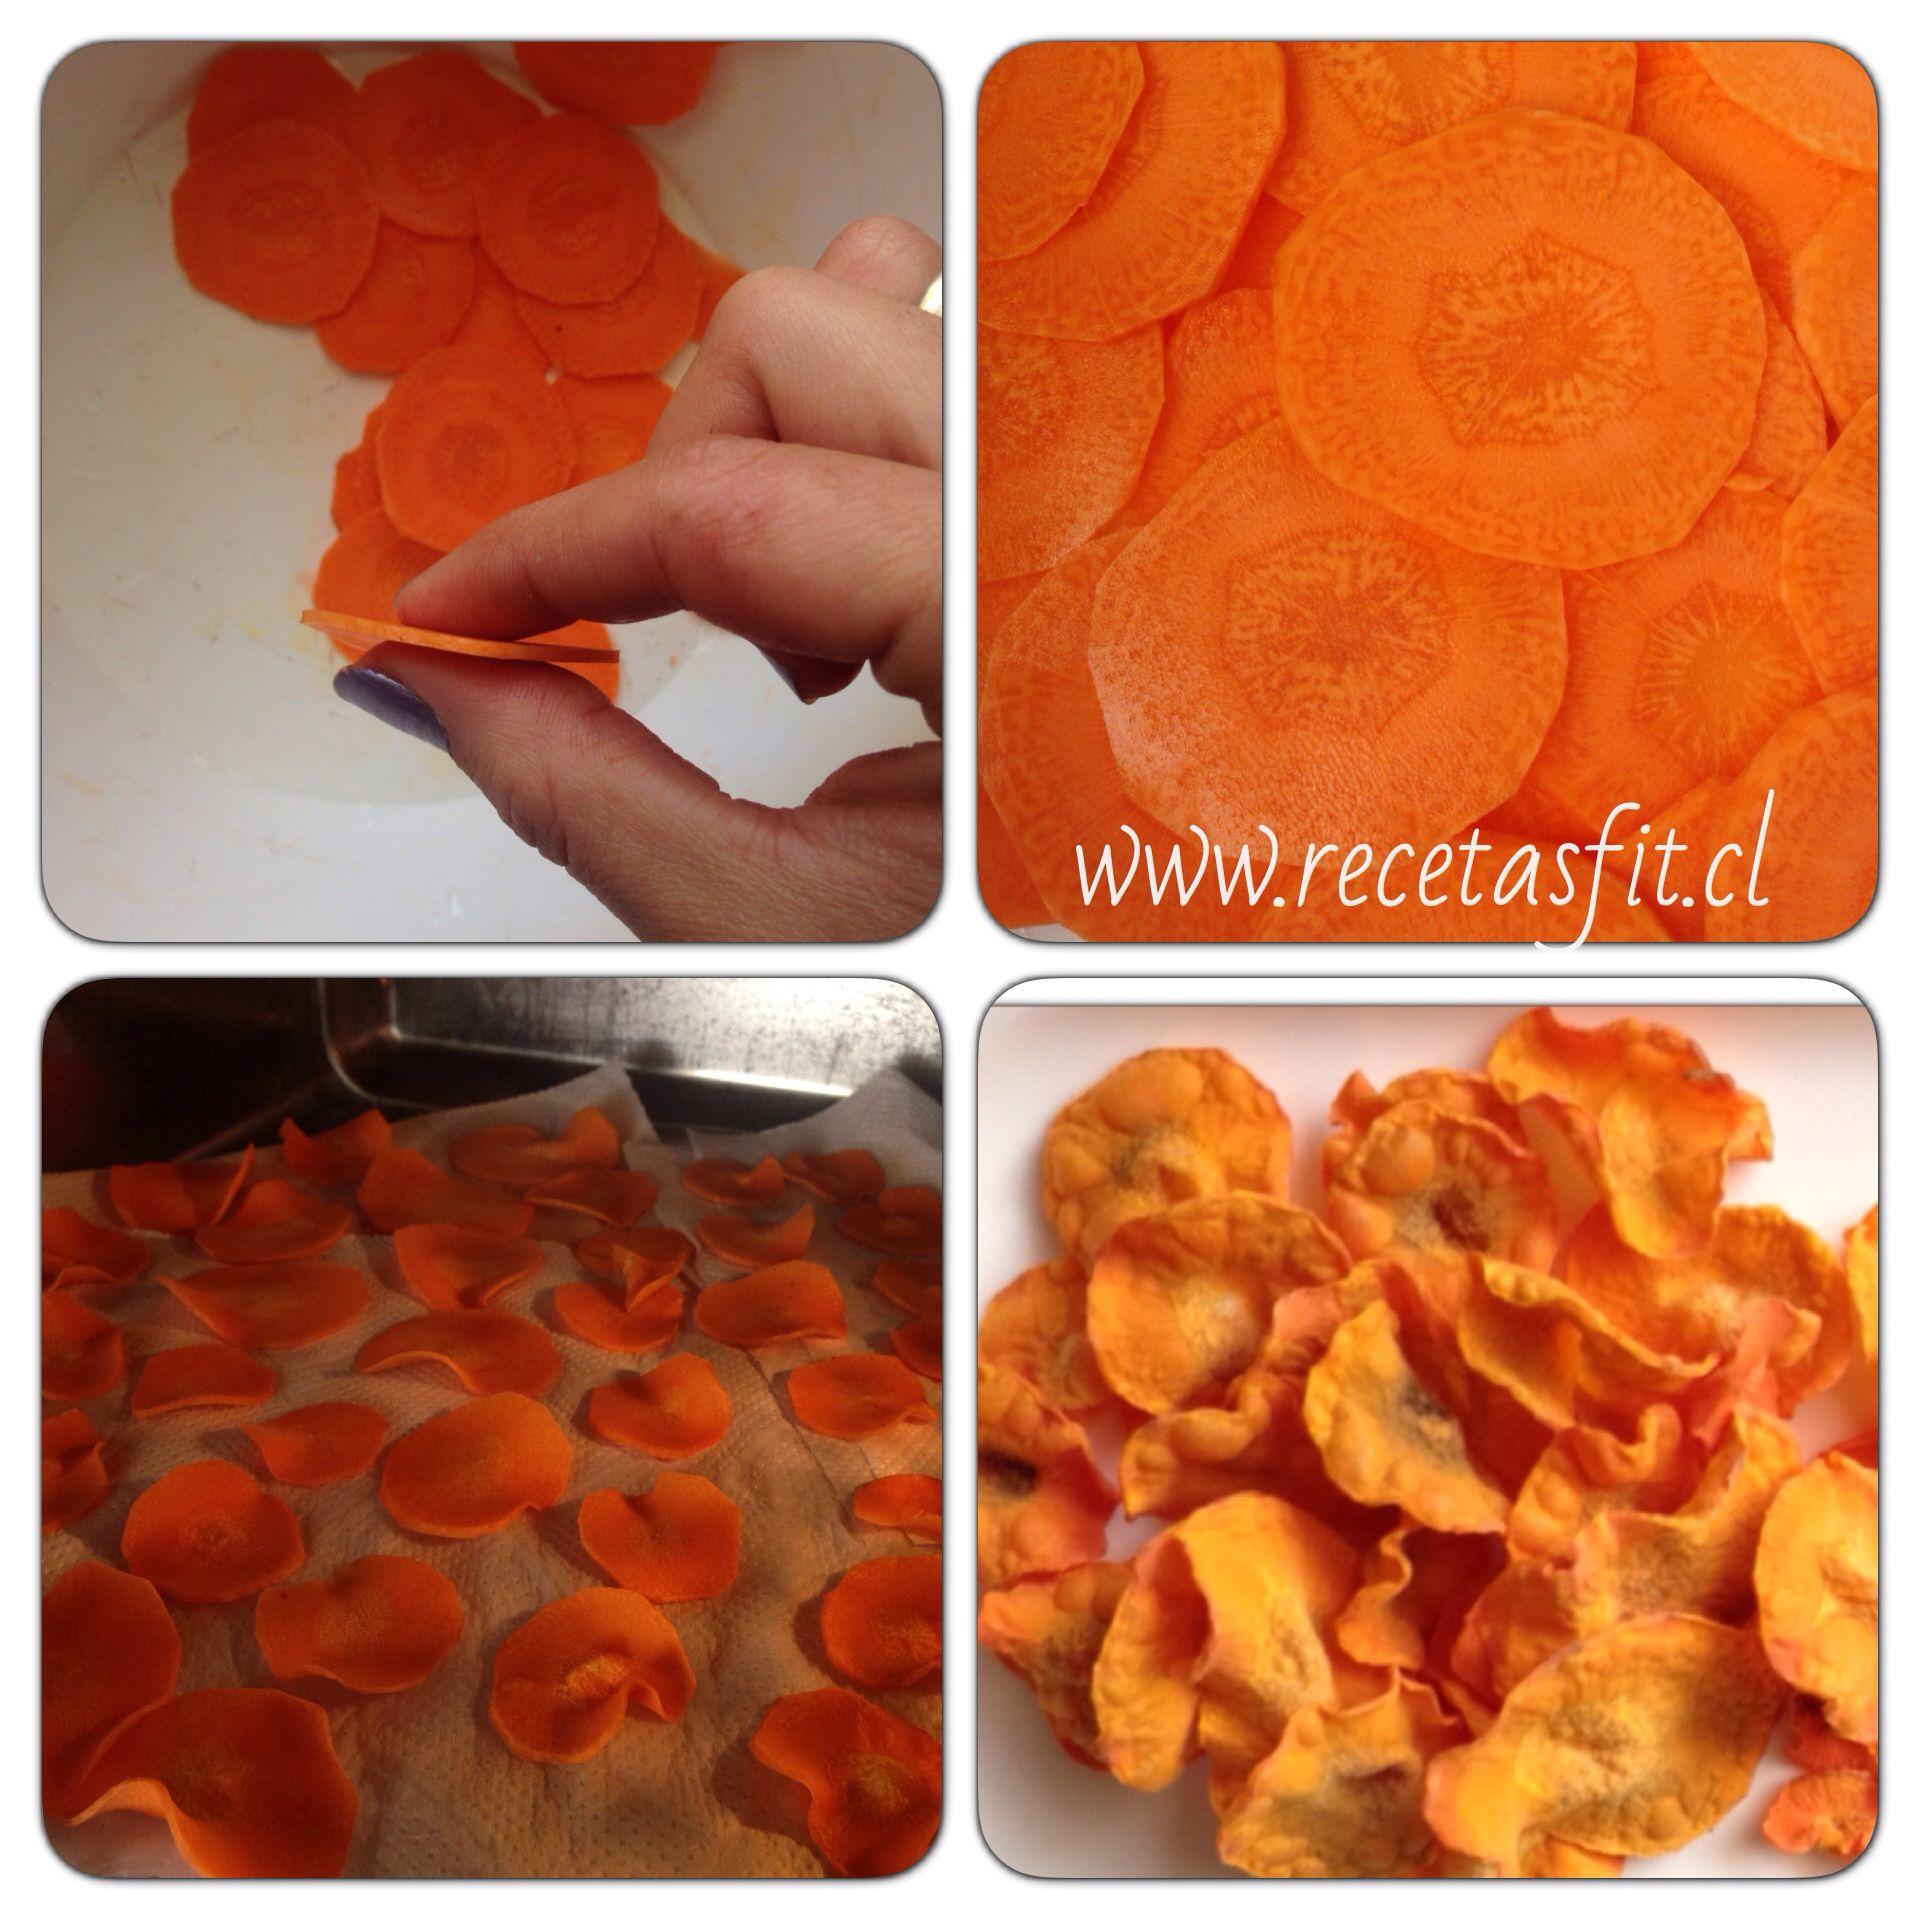 Chip De Zanahoria Al Microondas Snack Ideal Receta Facilisima En Www Recetasfit Cl Recetas Para Cocinar Recetas Veganas Cocina Saludable